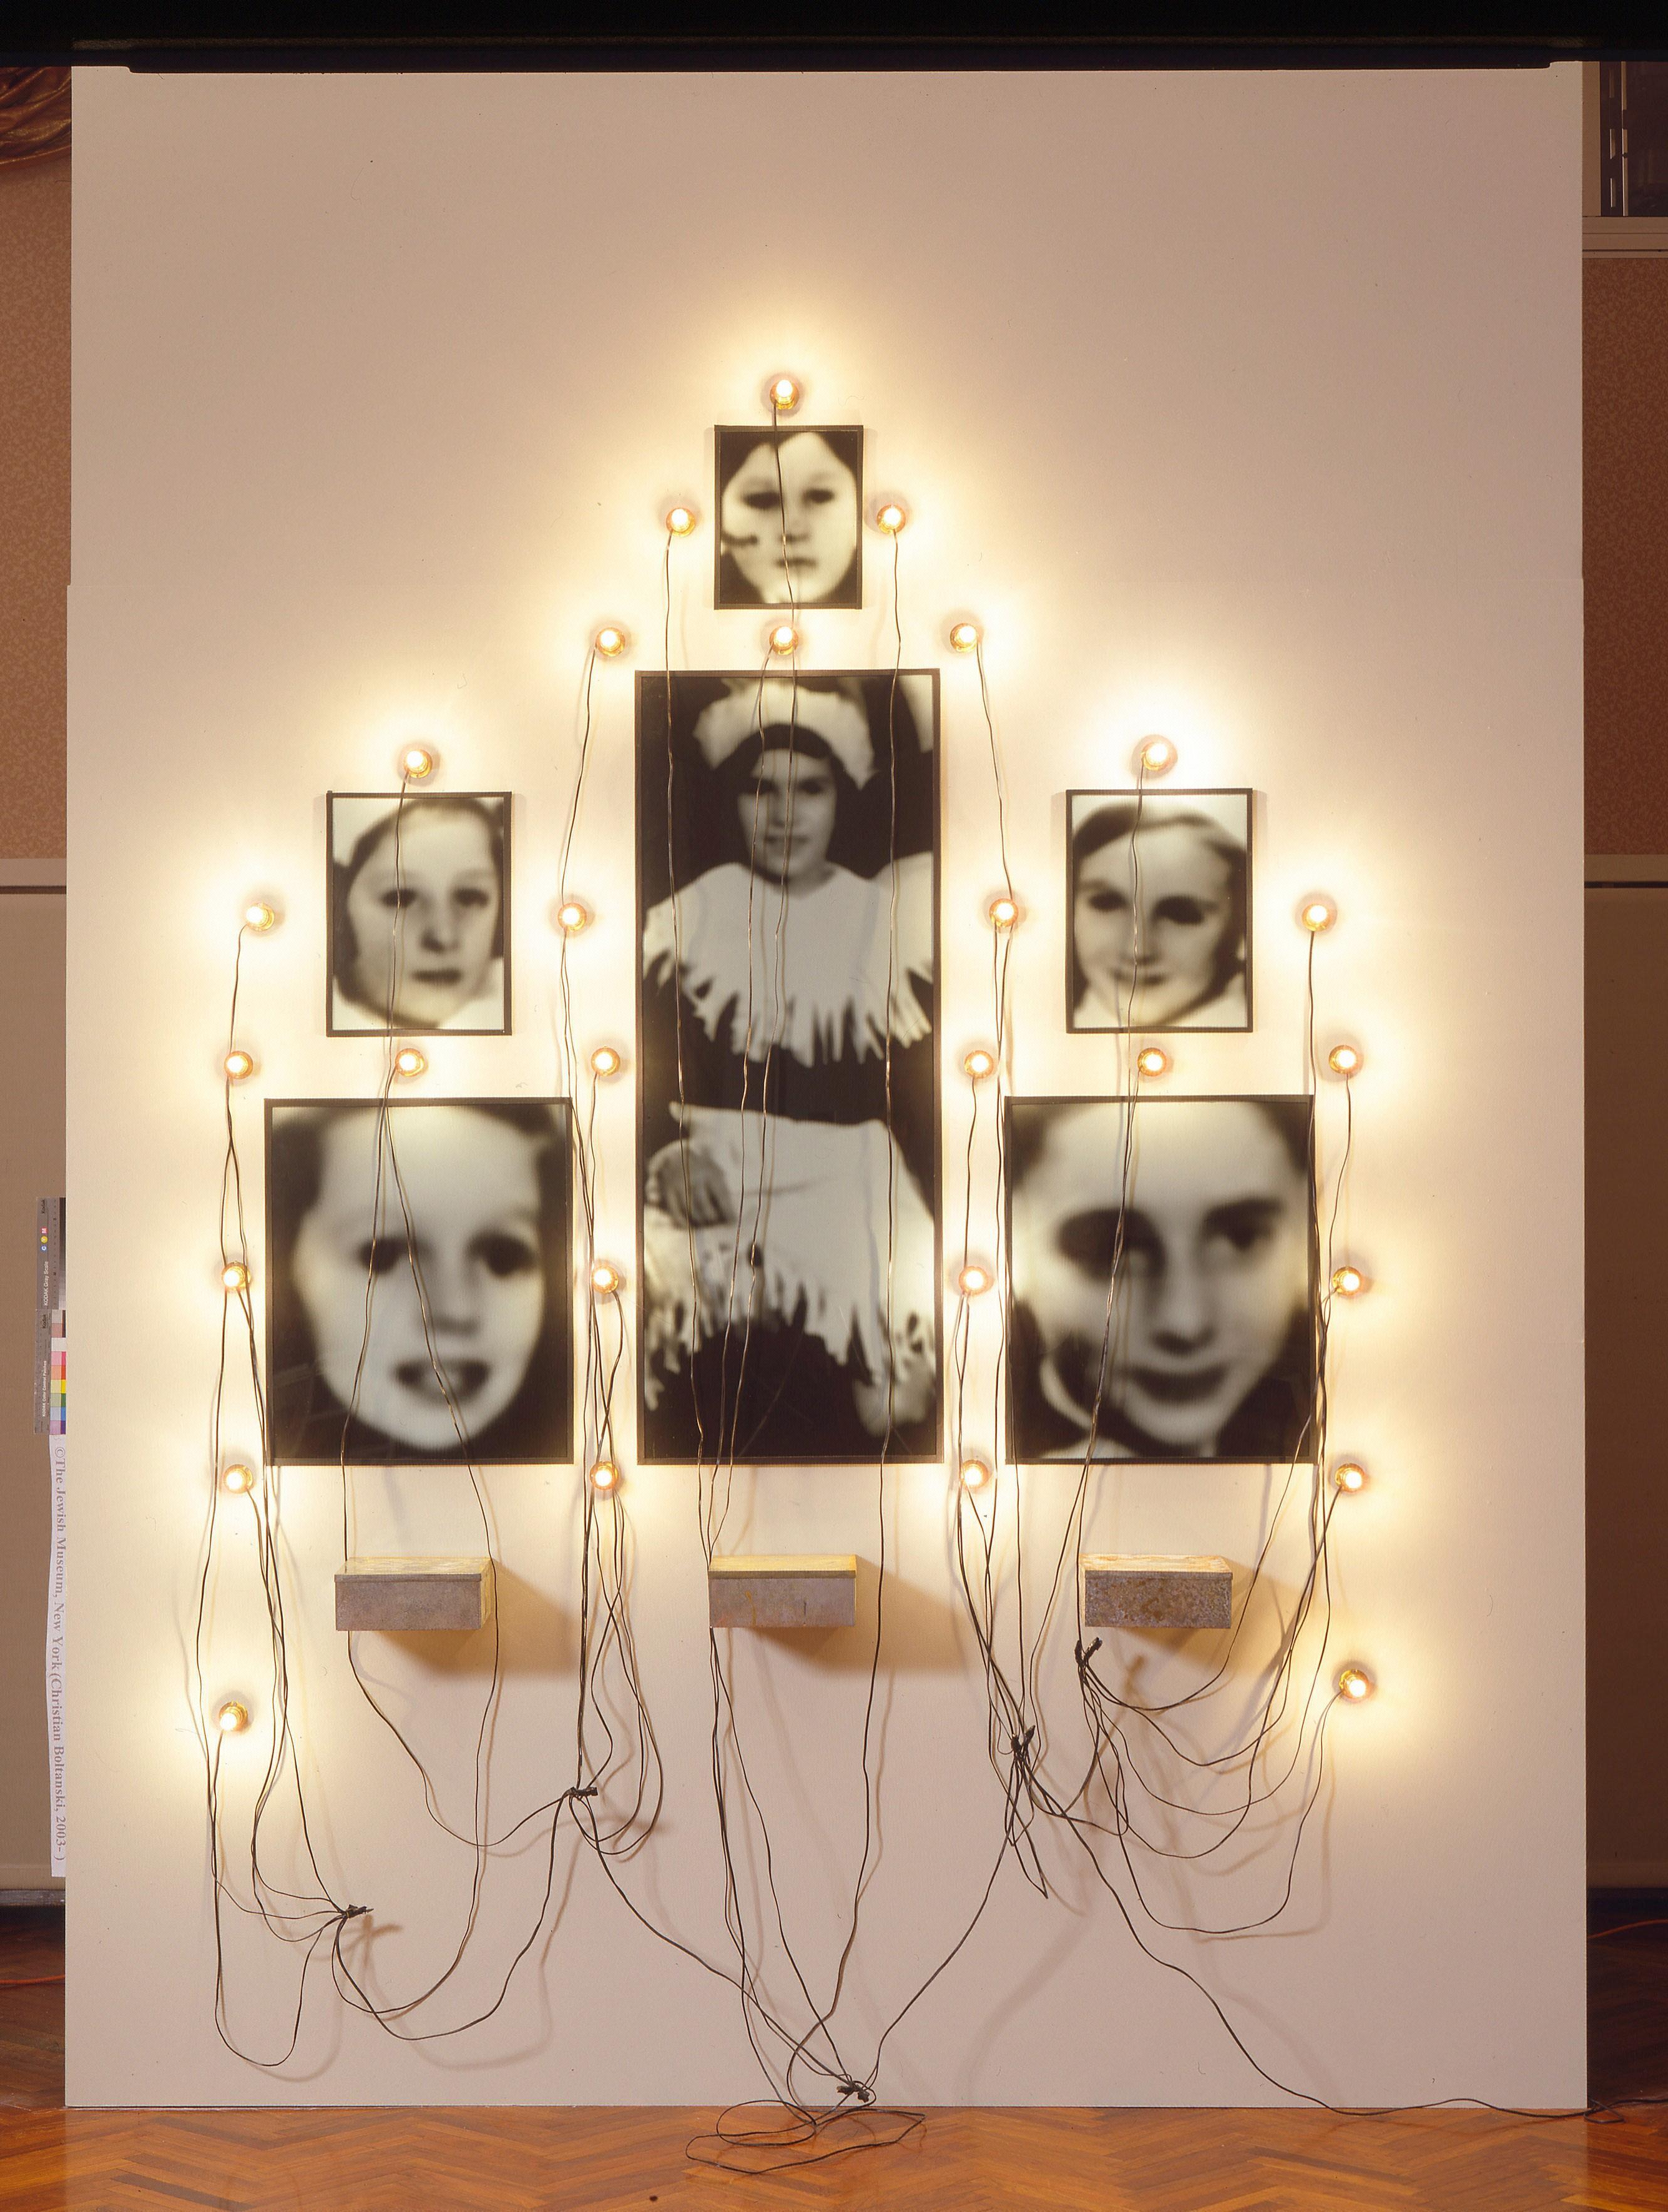 Christian Boltanski, Monument Odessa, 1989, installation : photographies noir et blanc et trois boîtes à biscuits, lampes et fils, 203,2 × 182,9 cm, Marian Goodman Gallery, New York.